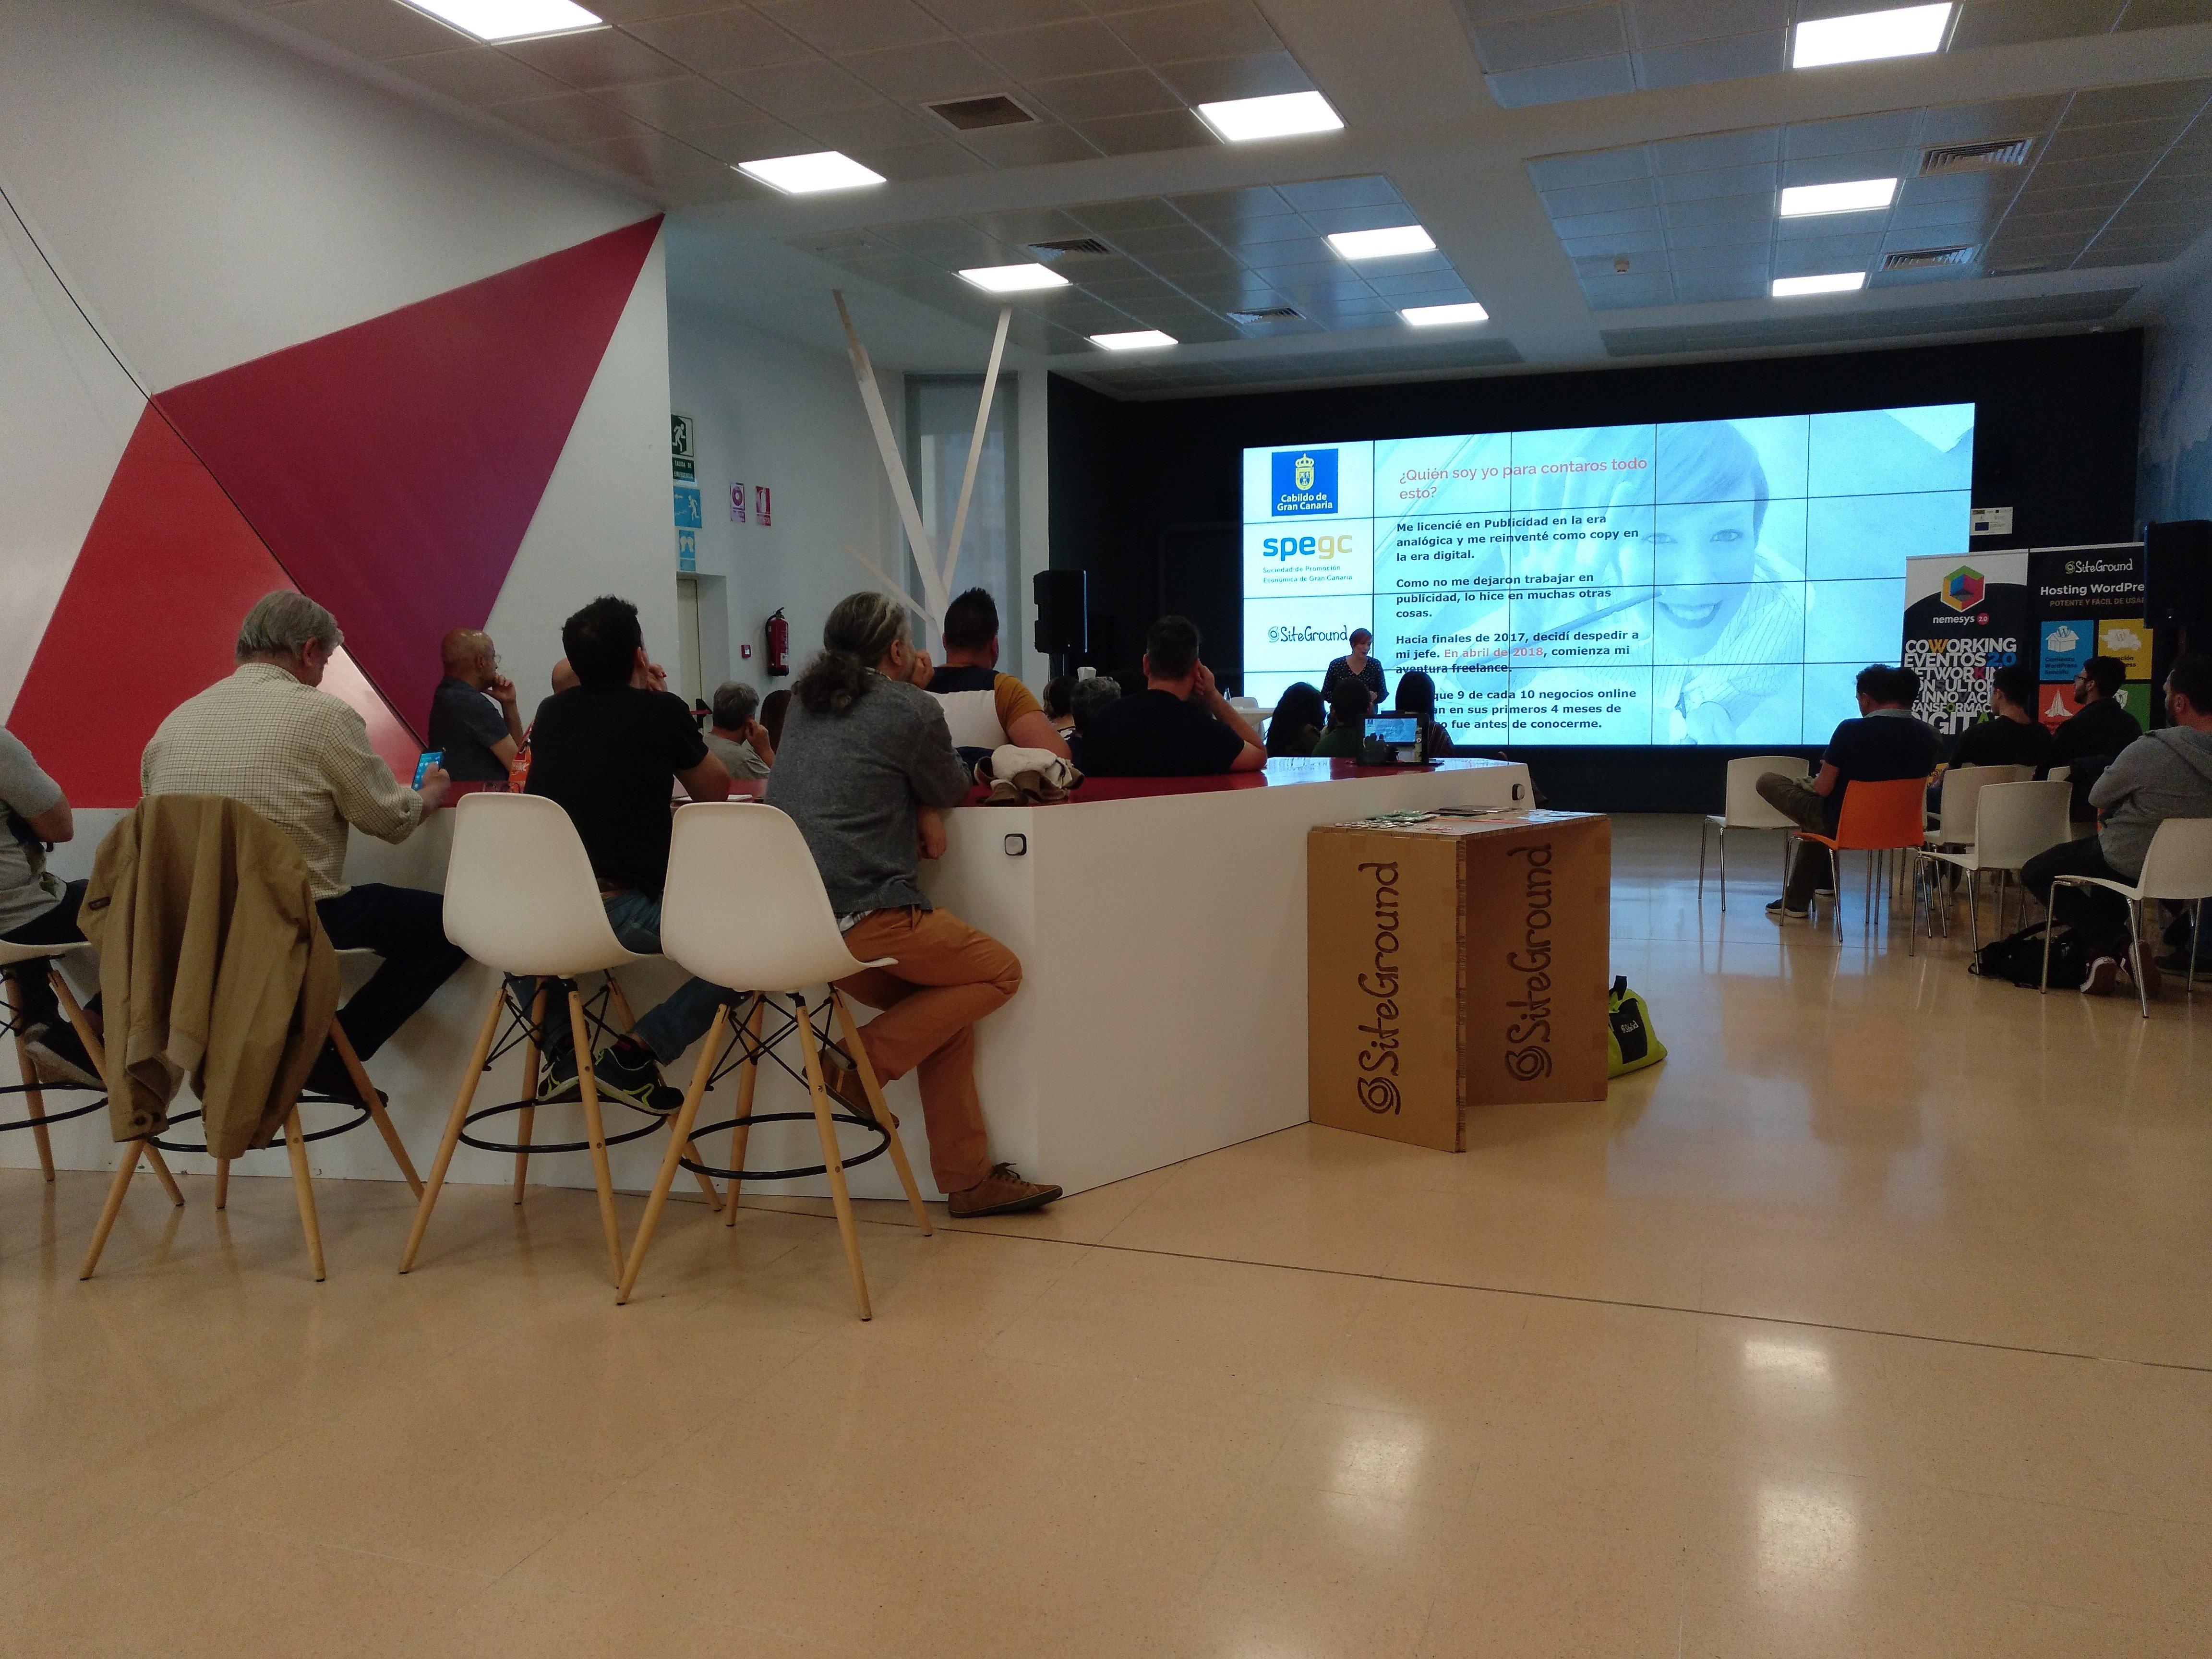 Meetup de Noelia Pacheco sobre copywriting